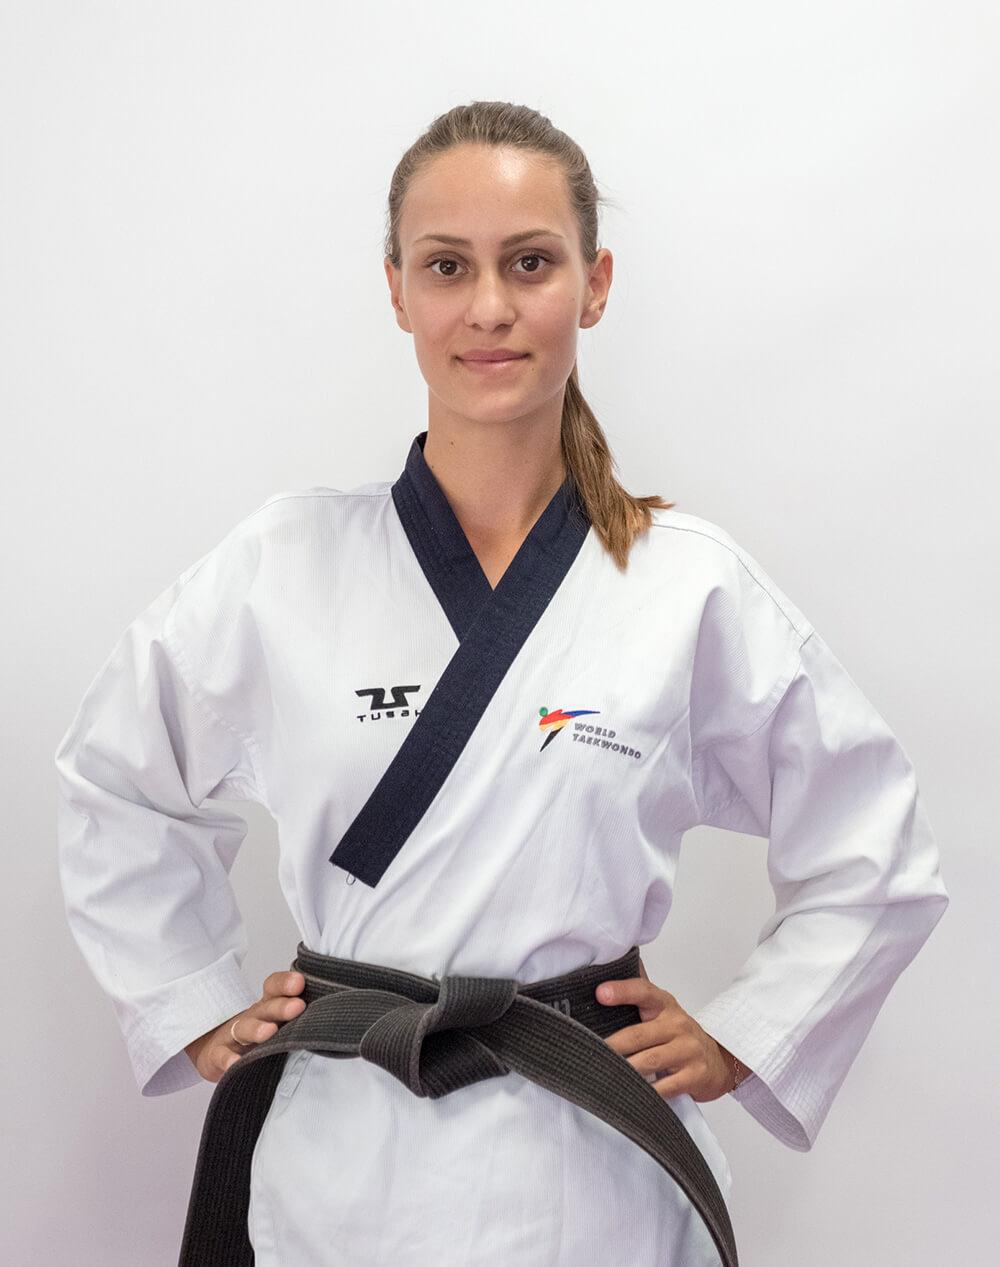 Viktória Bitalová